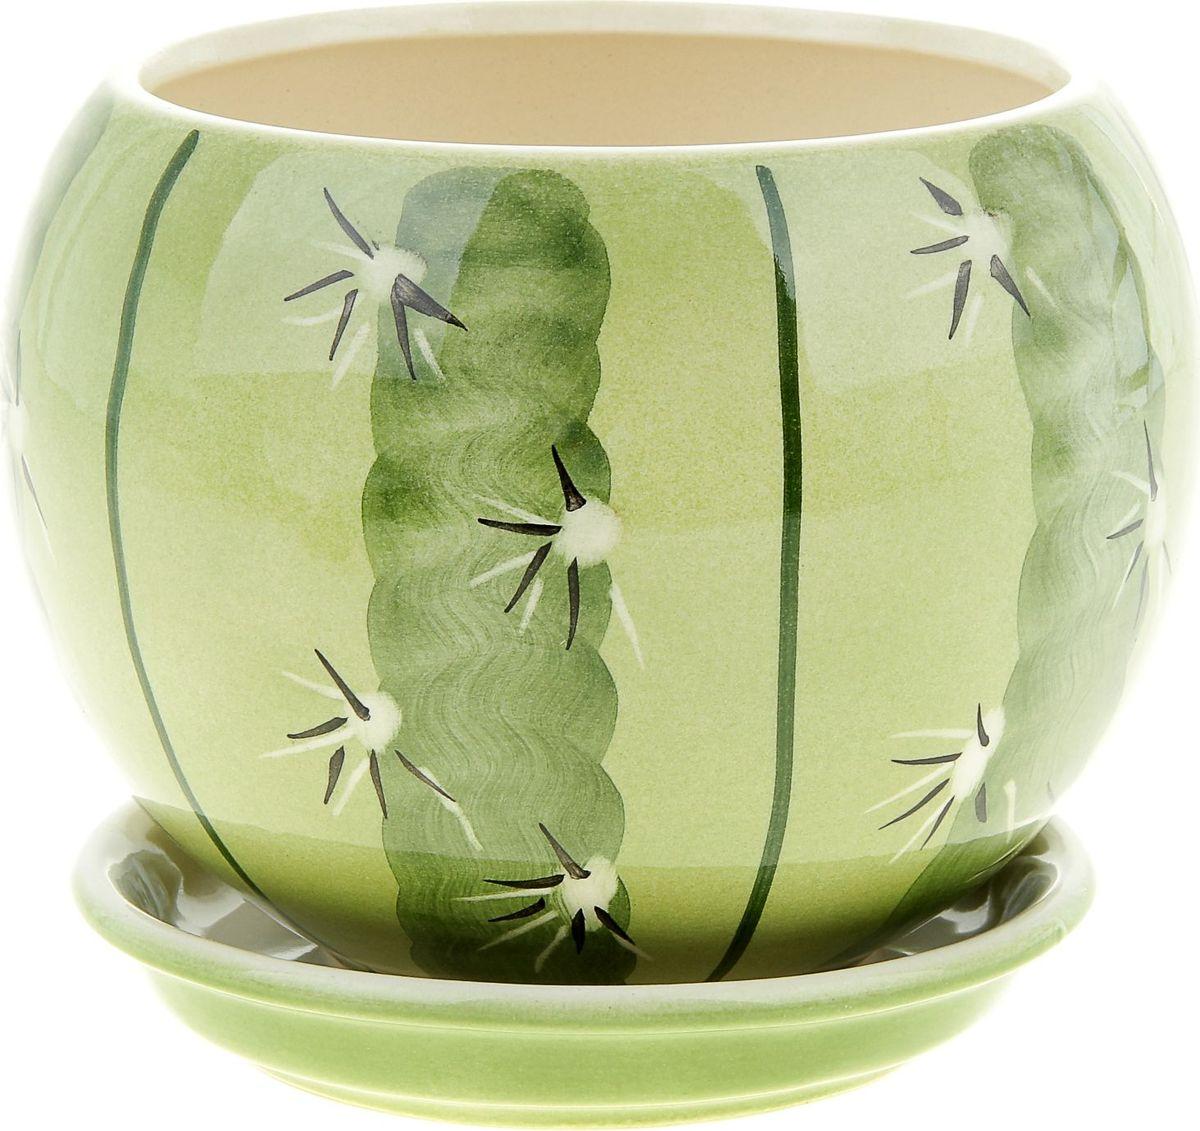 Кашпо Керамика ручной работы Шар. Кактус, 1,4 л835644Комнатные растения - всеобщие любимцы. Они радуют глаз, насыщают помещение кислородом и украшают пространство. Каждому из них необходим свой удобный и красивый дом. Кашпо из керамики прекрасно подходят для высадки растений:- пористый материал позволяет испаряться лишней влаге;- воздух, необходимый для дыхания корней, проникает сквозь керамические стенки. Кашпо Шар. Кактус позаботится о зеленом питомце, освежит интерьер и подчеркнет его стиль.